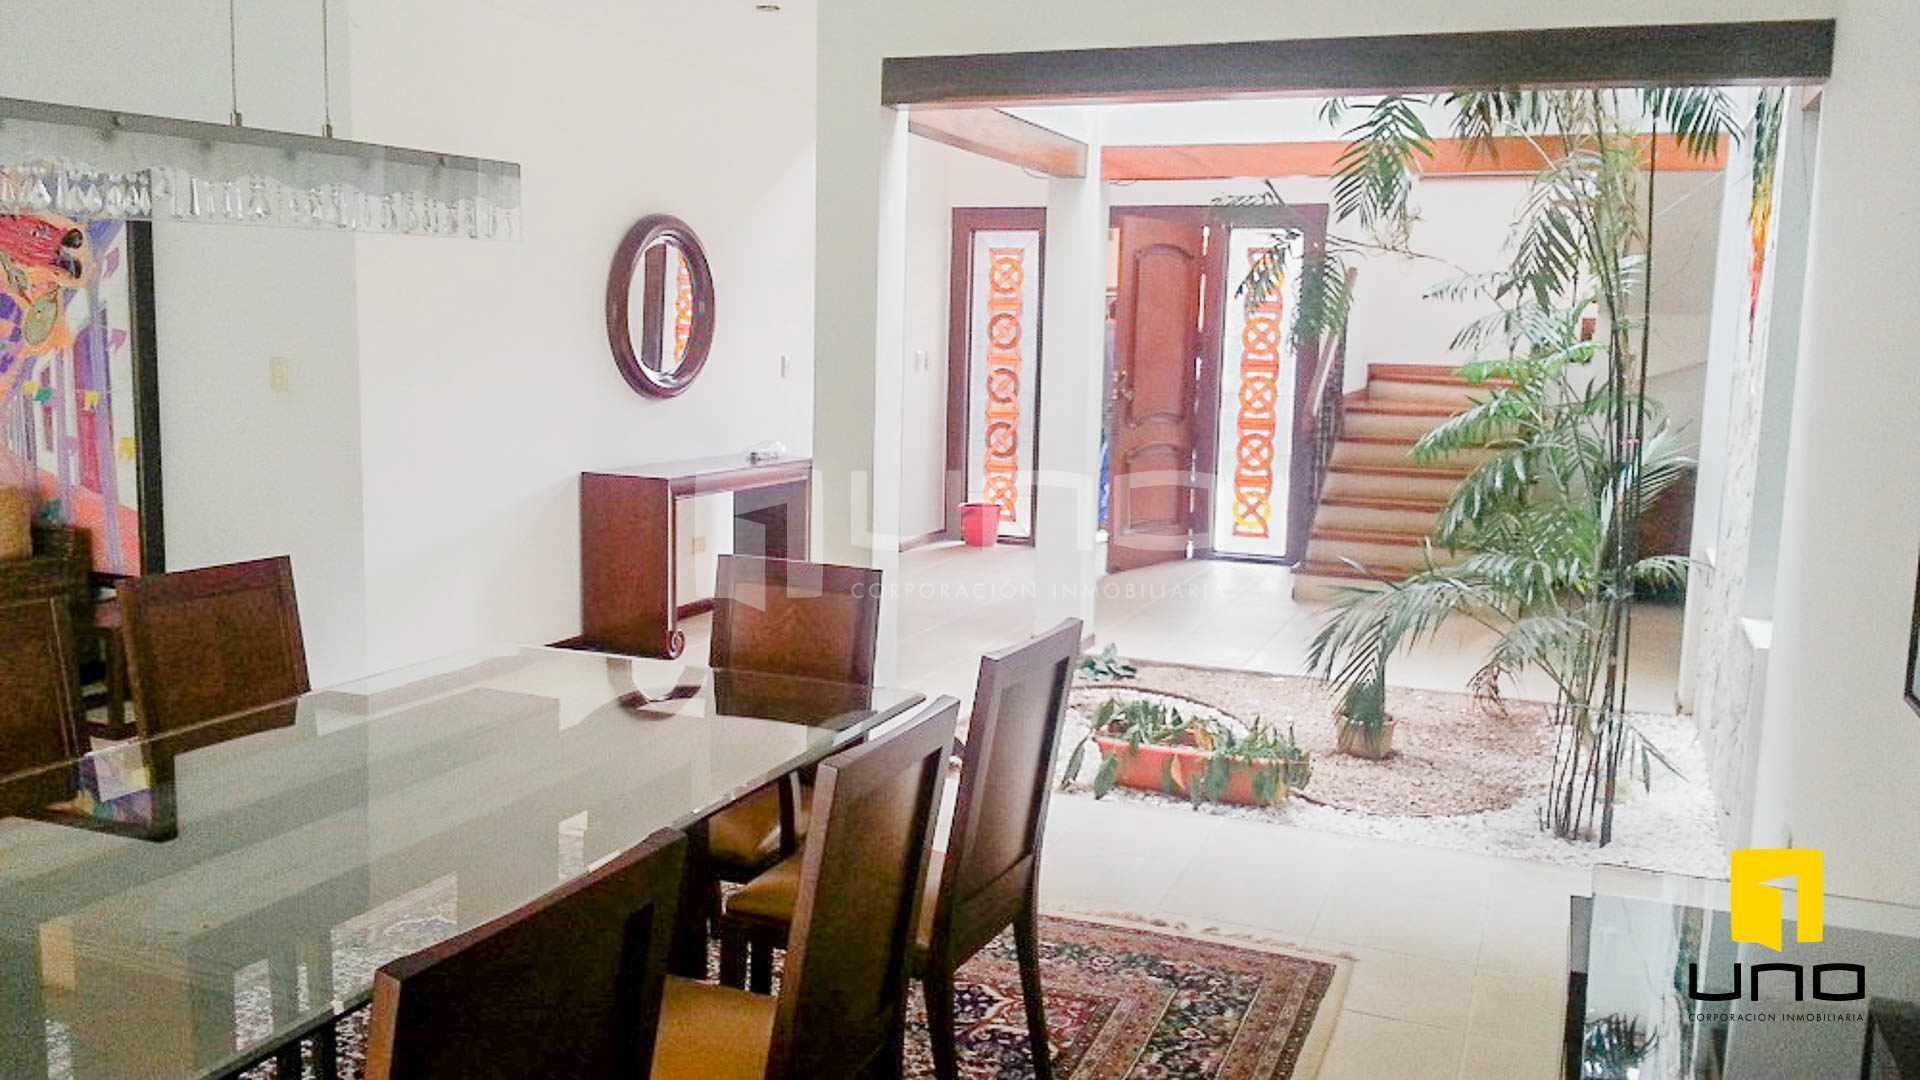 Casa en Alquiler Barrio Las Palmas alquilo amplia casa  con muebles y piscina Foto 11